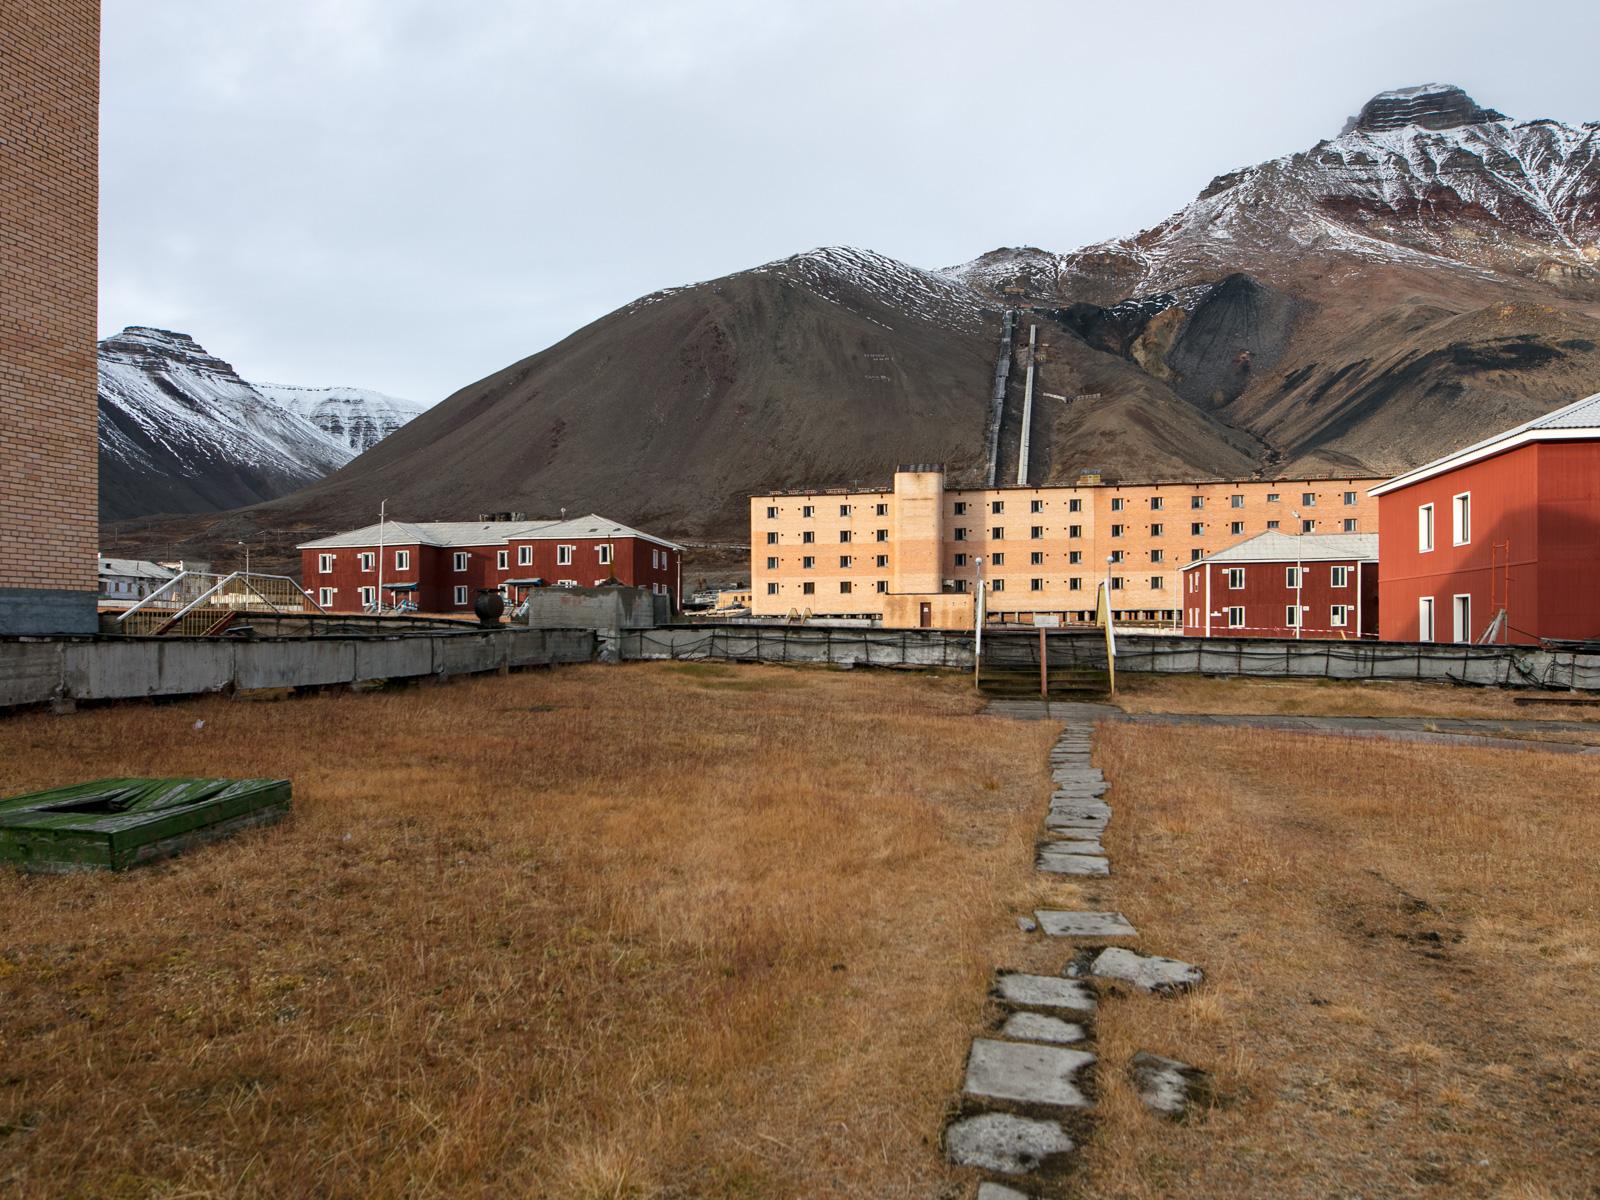 Svalbard_Spitsbergen_Pyramiden-24